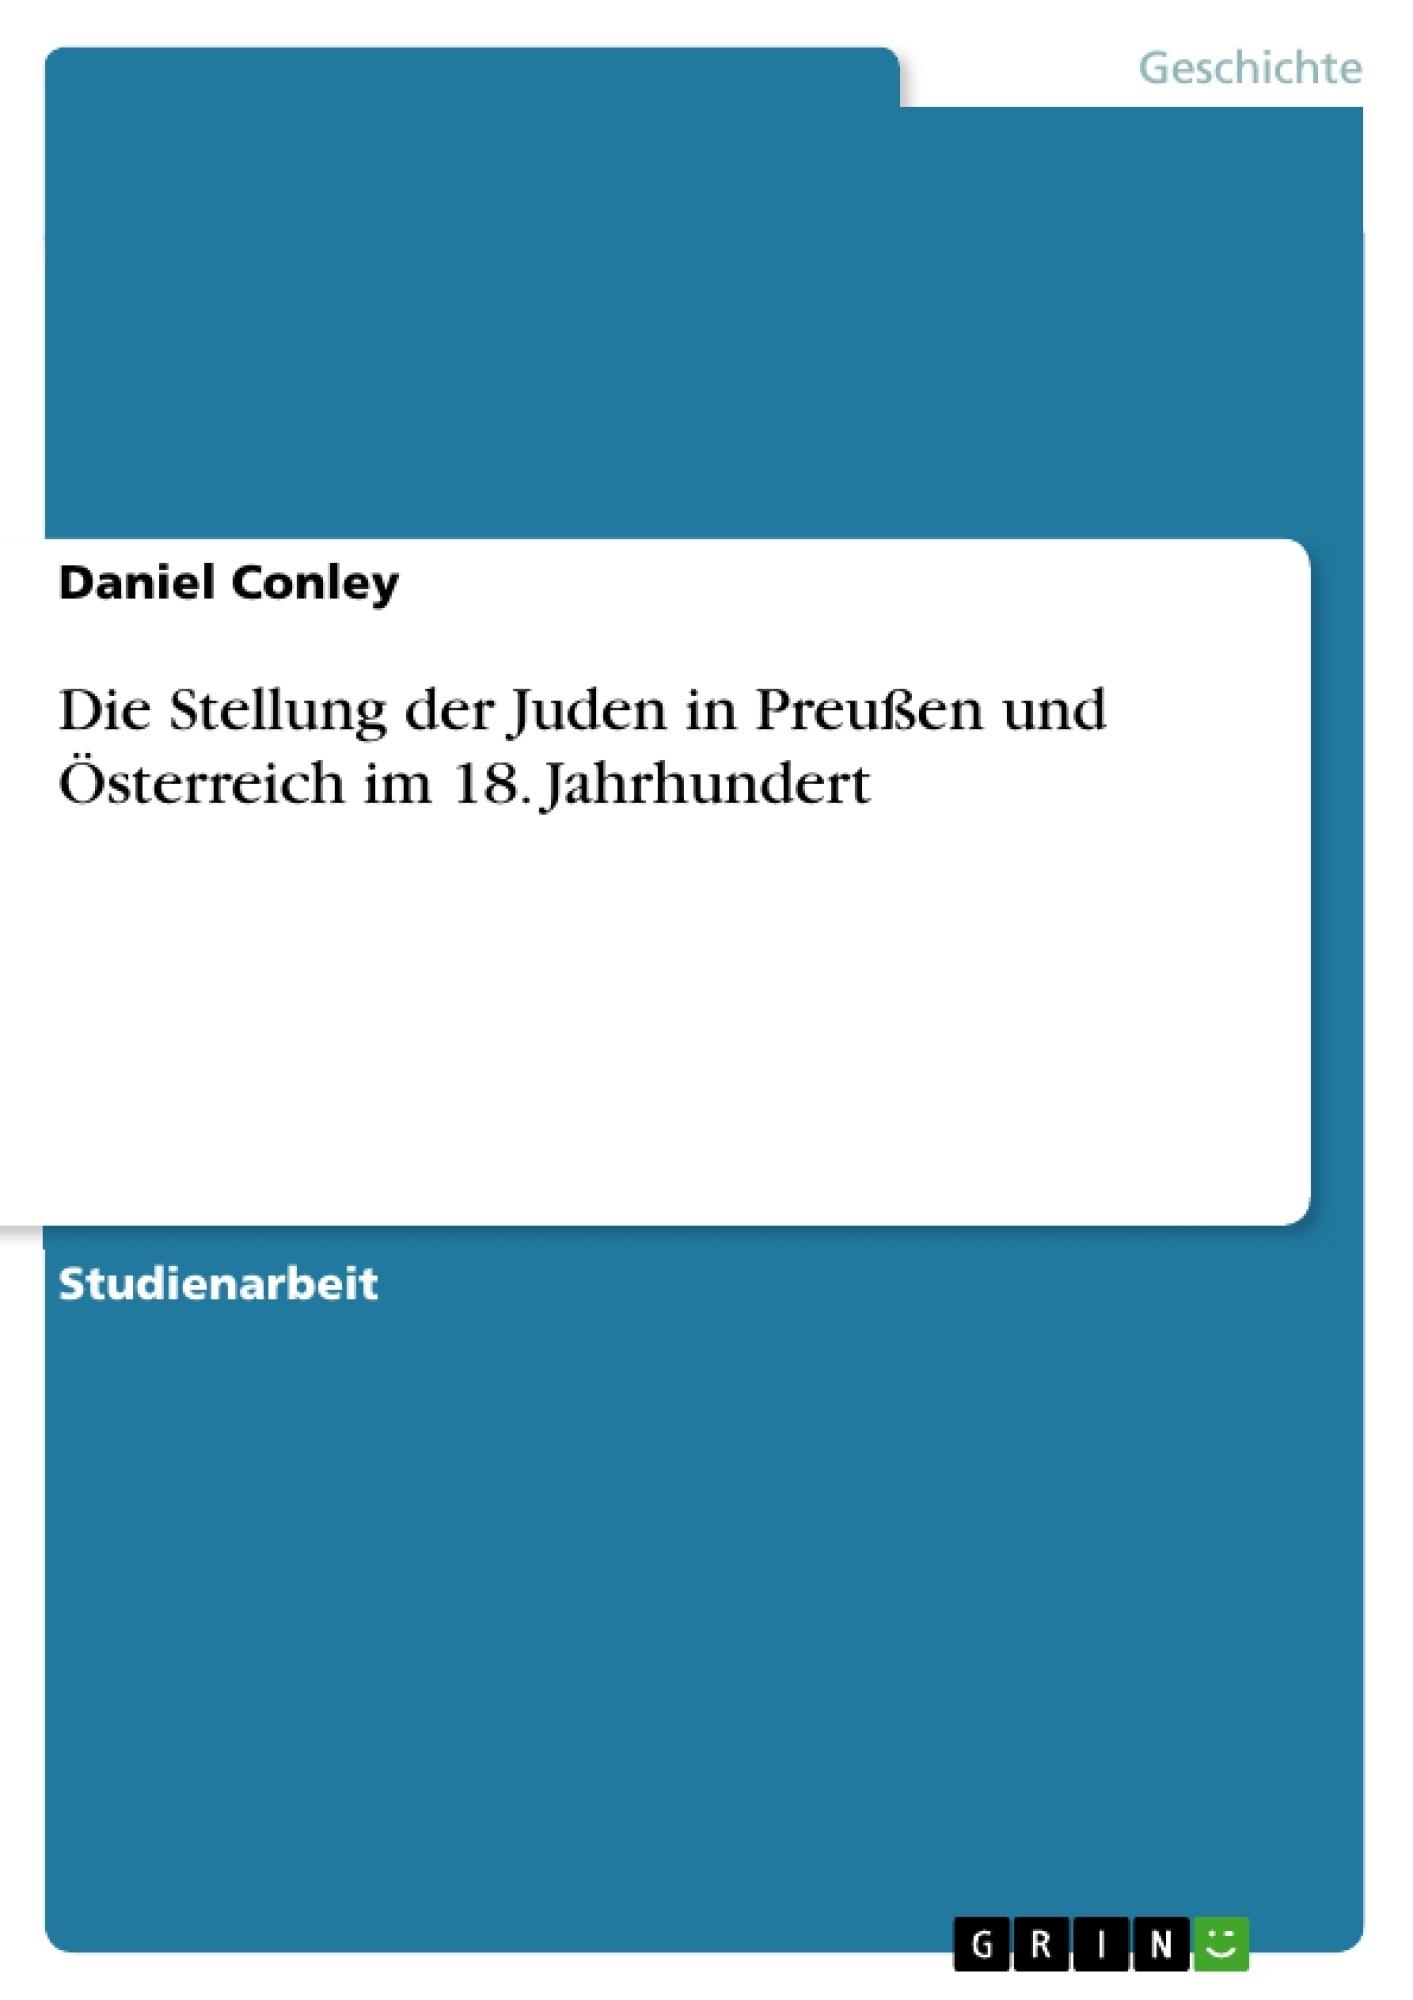 Titel: Die Stellung der Juden in Preußen und Österreich im 18. Jahrhundert